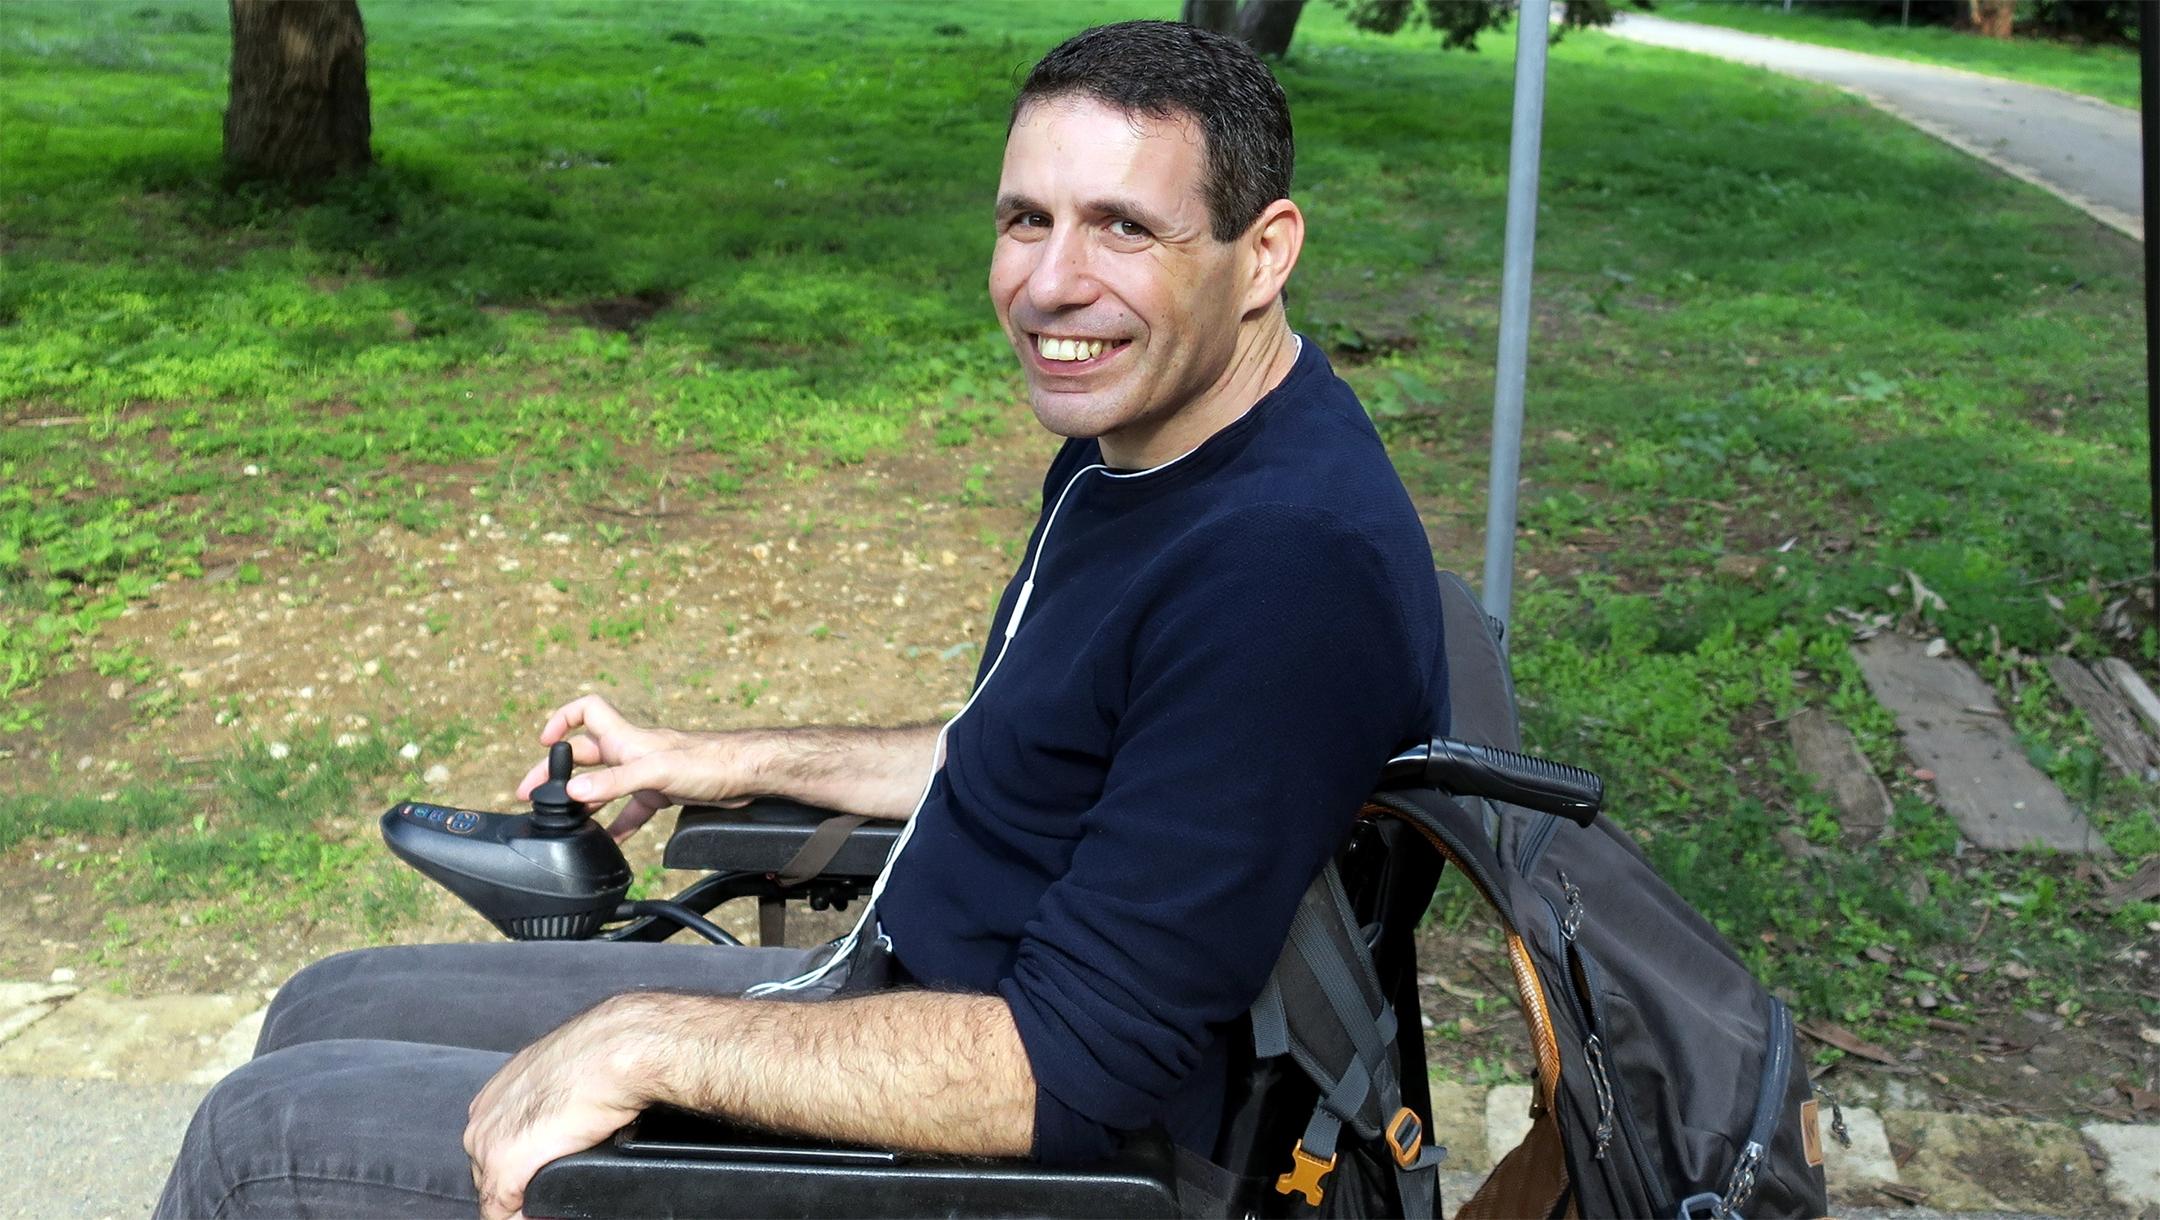 Dan Dori in Israel in 2018. (Courtesy of the Dori family)